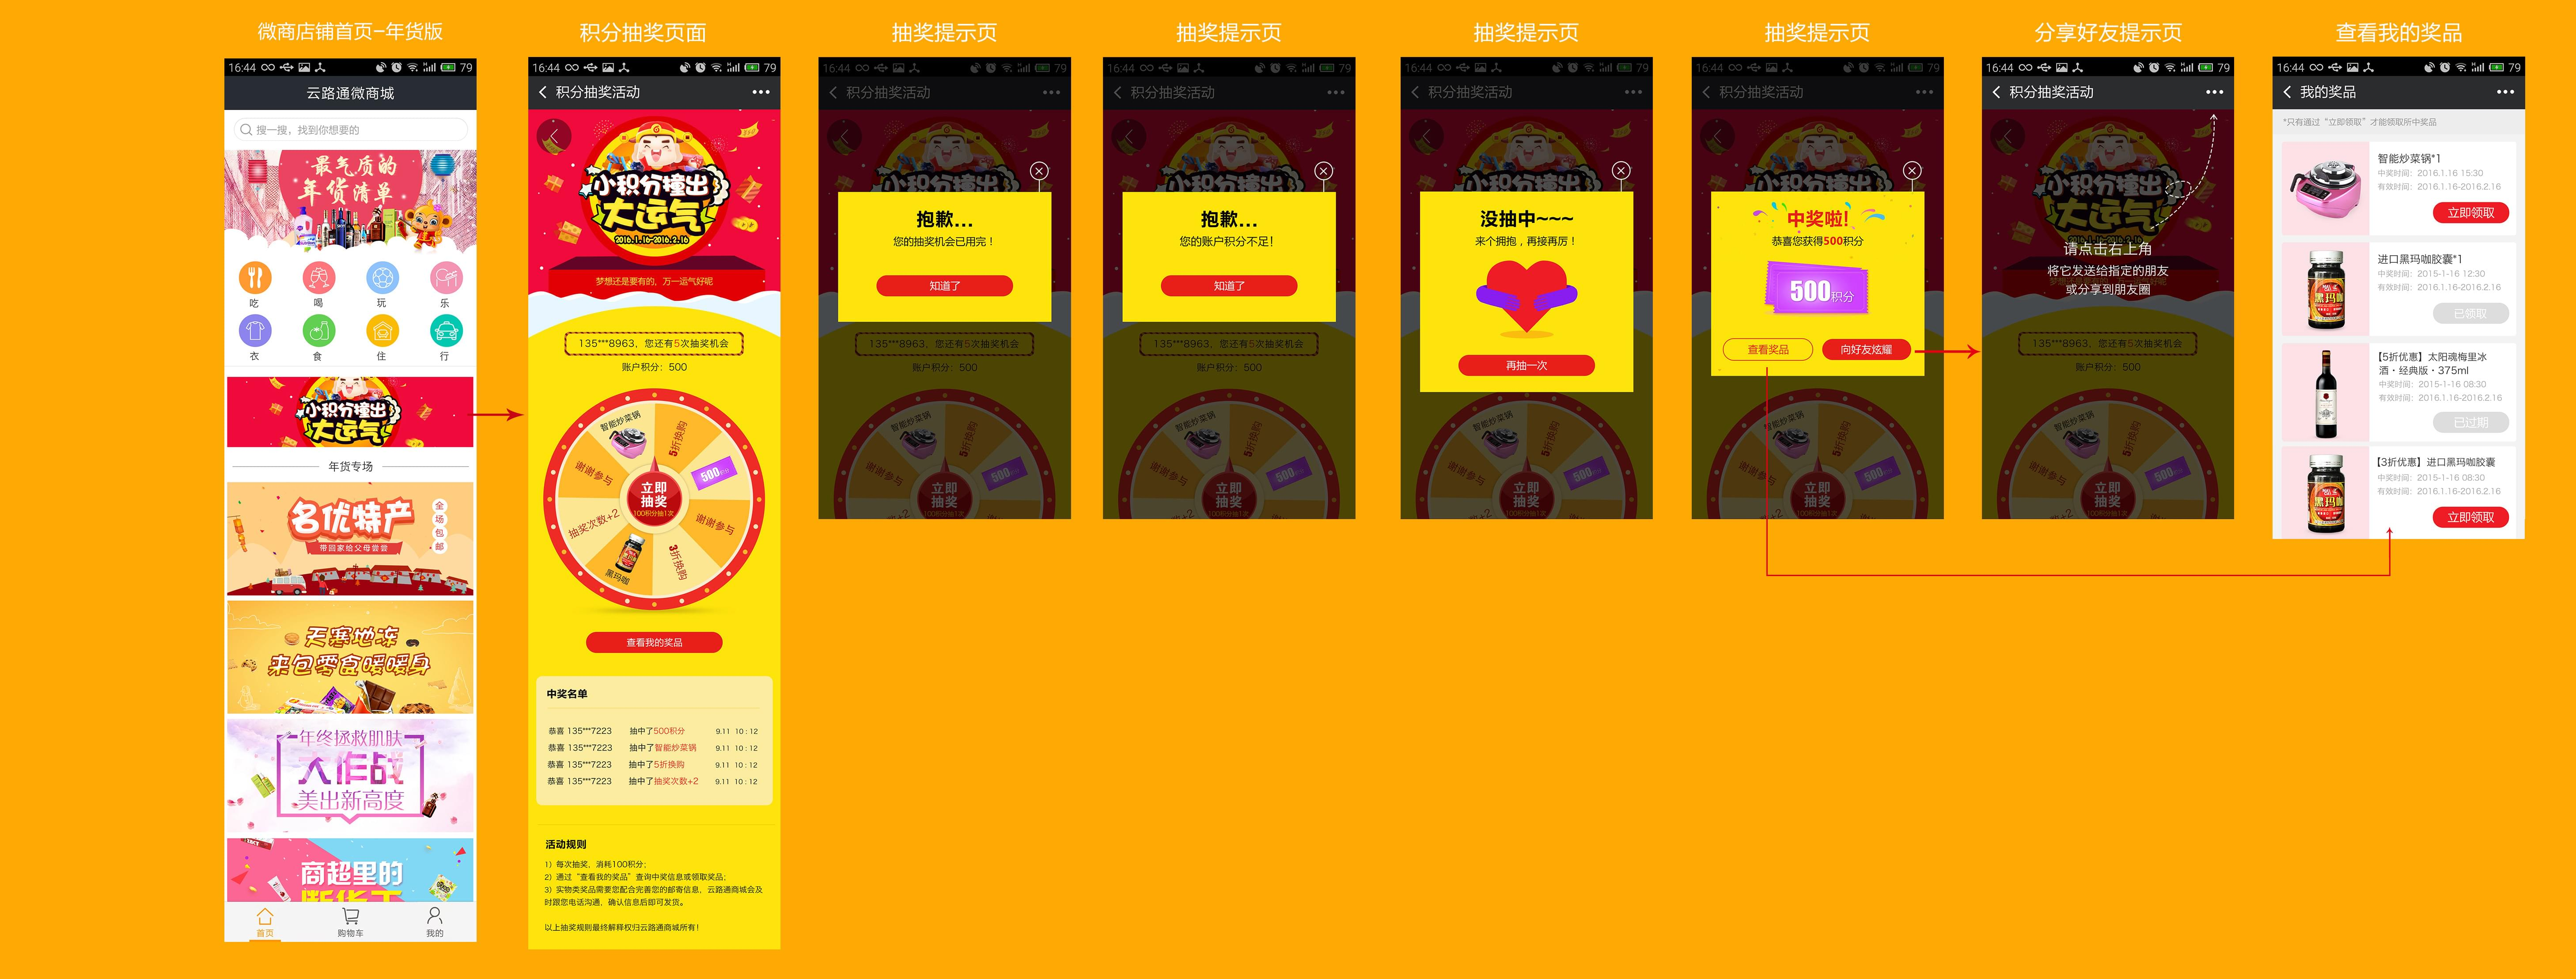 新疆福彩时时彩开奖号_新疆福彩时时彩开奖号官网_【官网唯一网站】.扑克牌战争_扑克牌战争小游戏_7k7k扑克牌战争_7k7k小游戏新疆时时彩_最新开奖结果_500彩票网